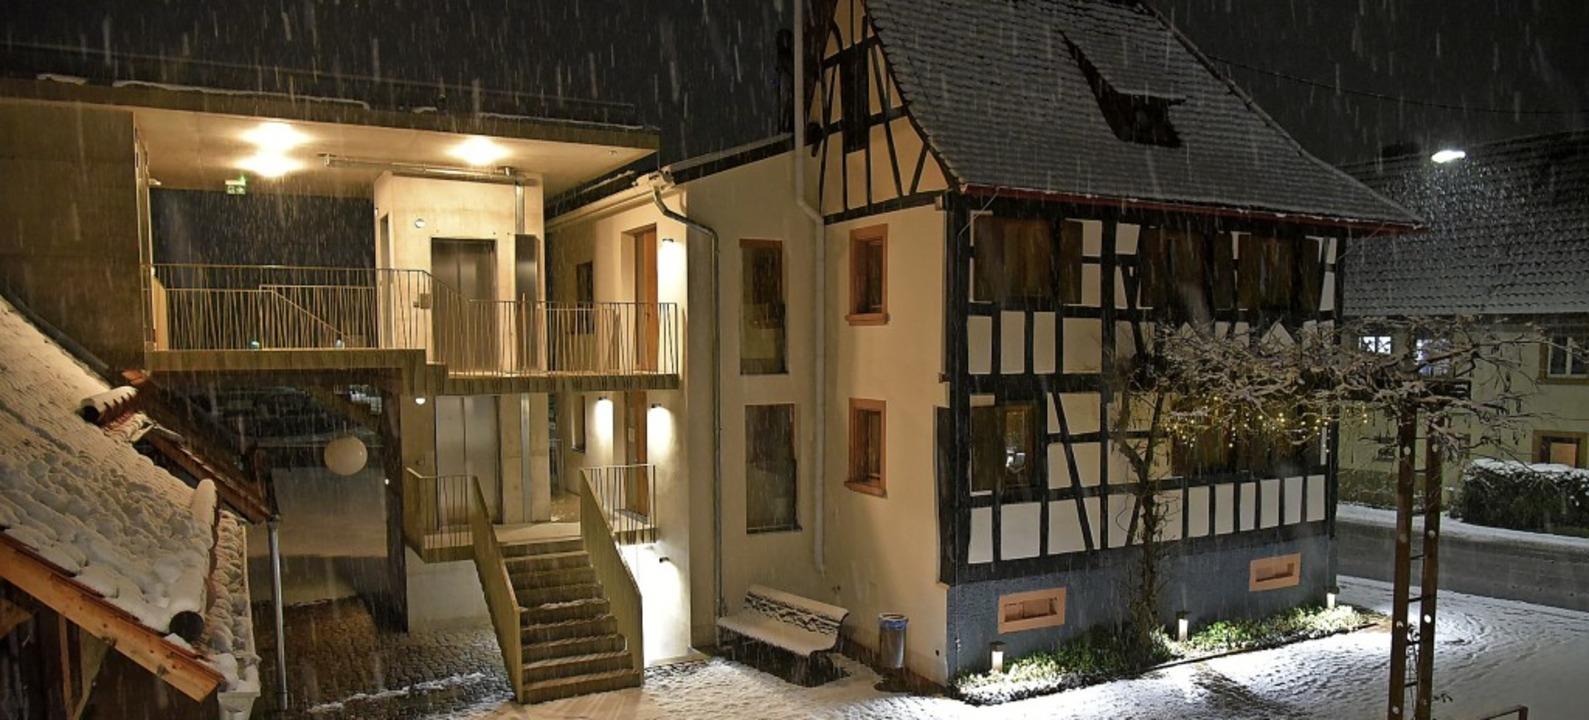 Im derzeit winterlich verschneiten För...cken aus dem Museumsprojekt entdecken.  | Foto: Benedikt Sommer